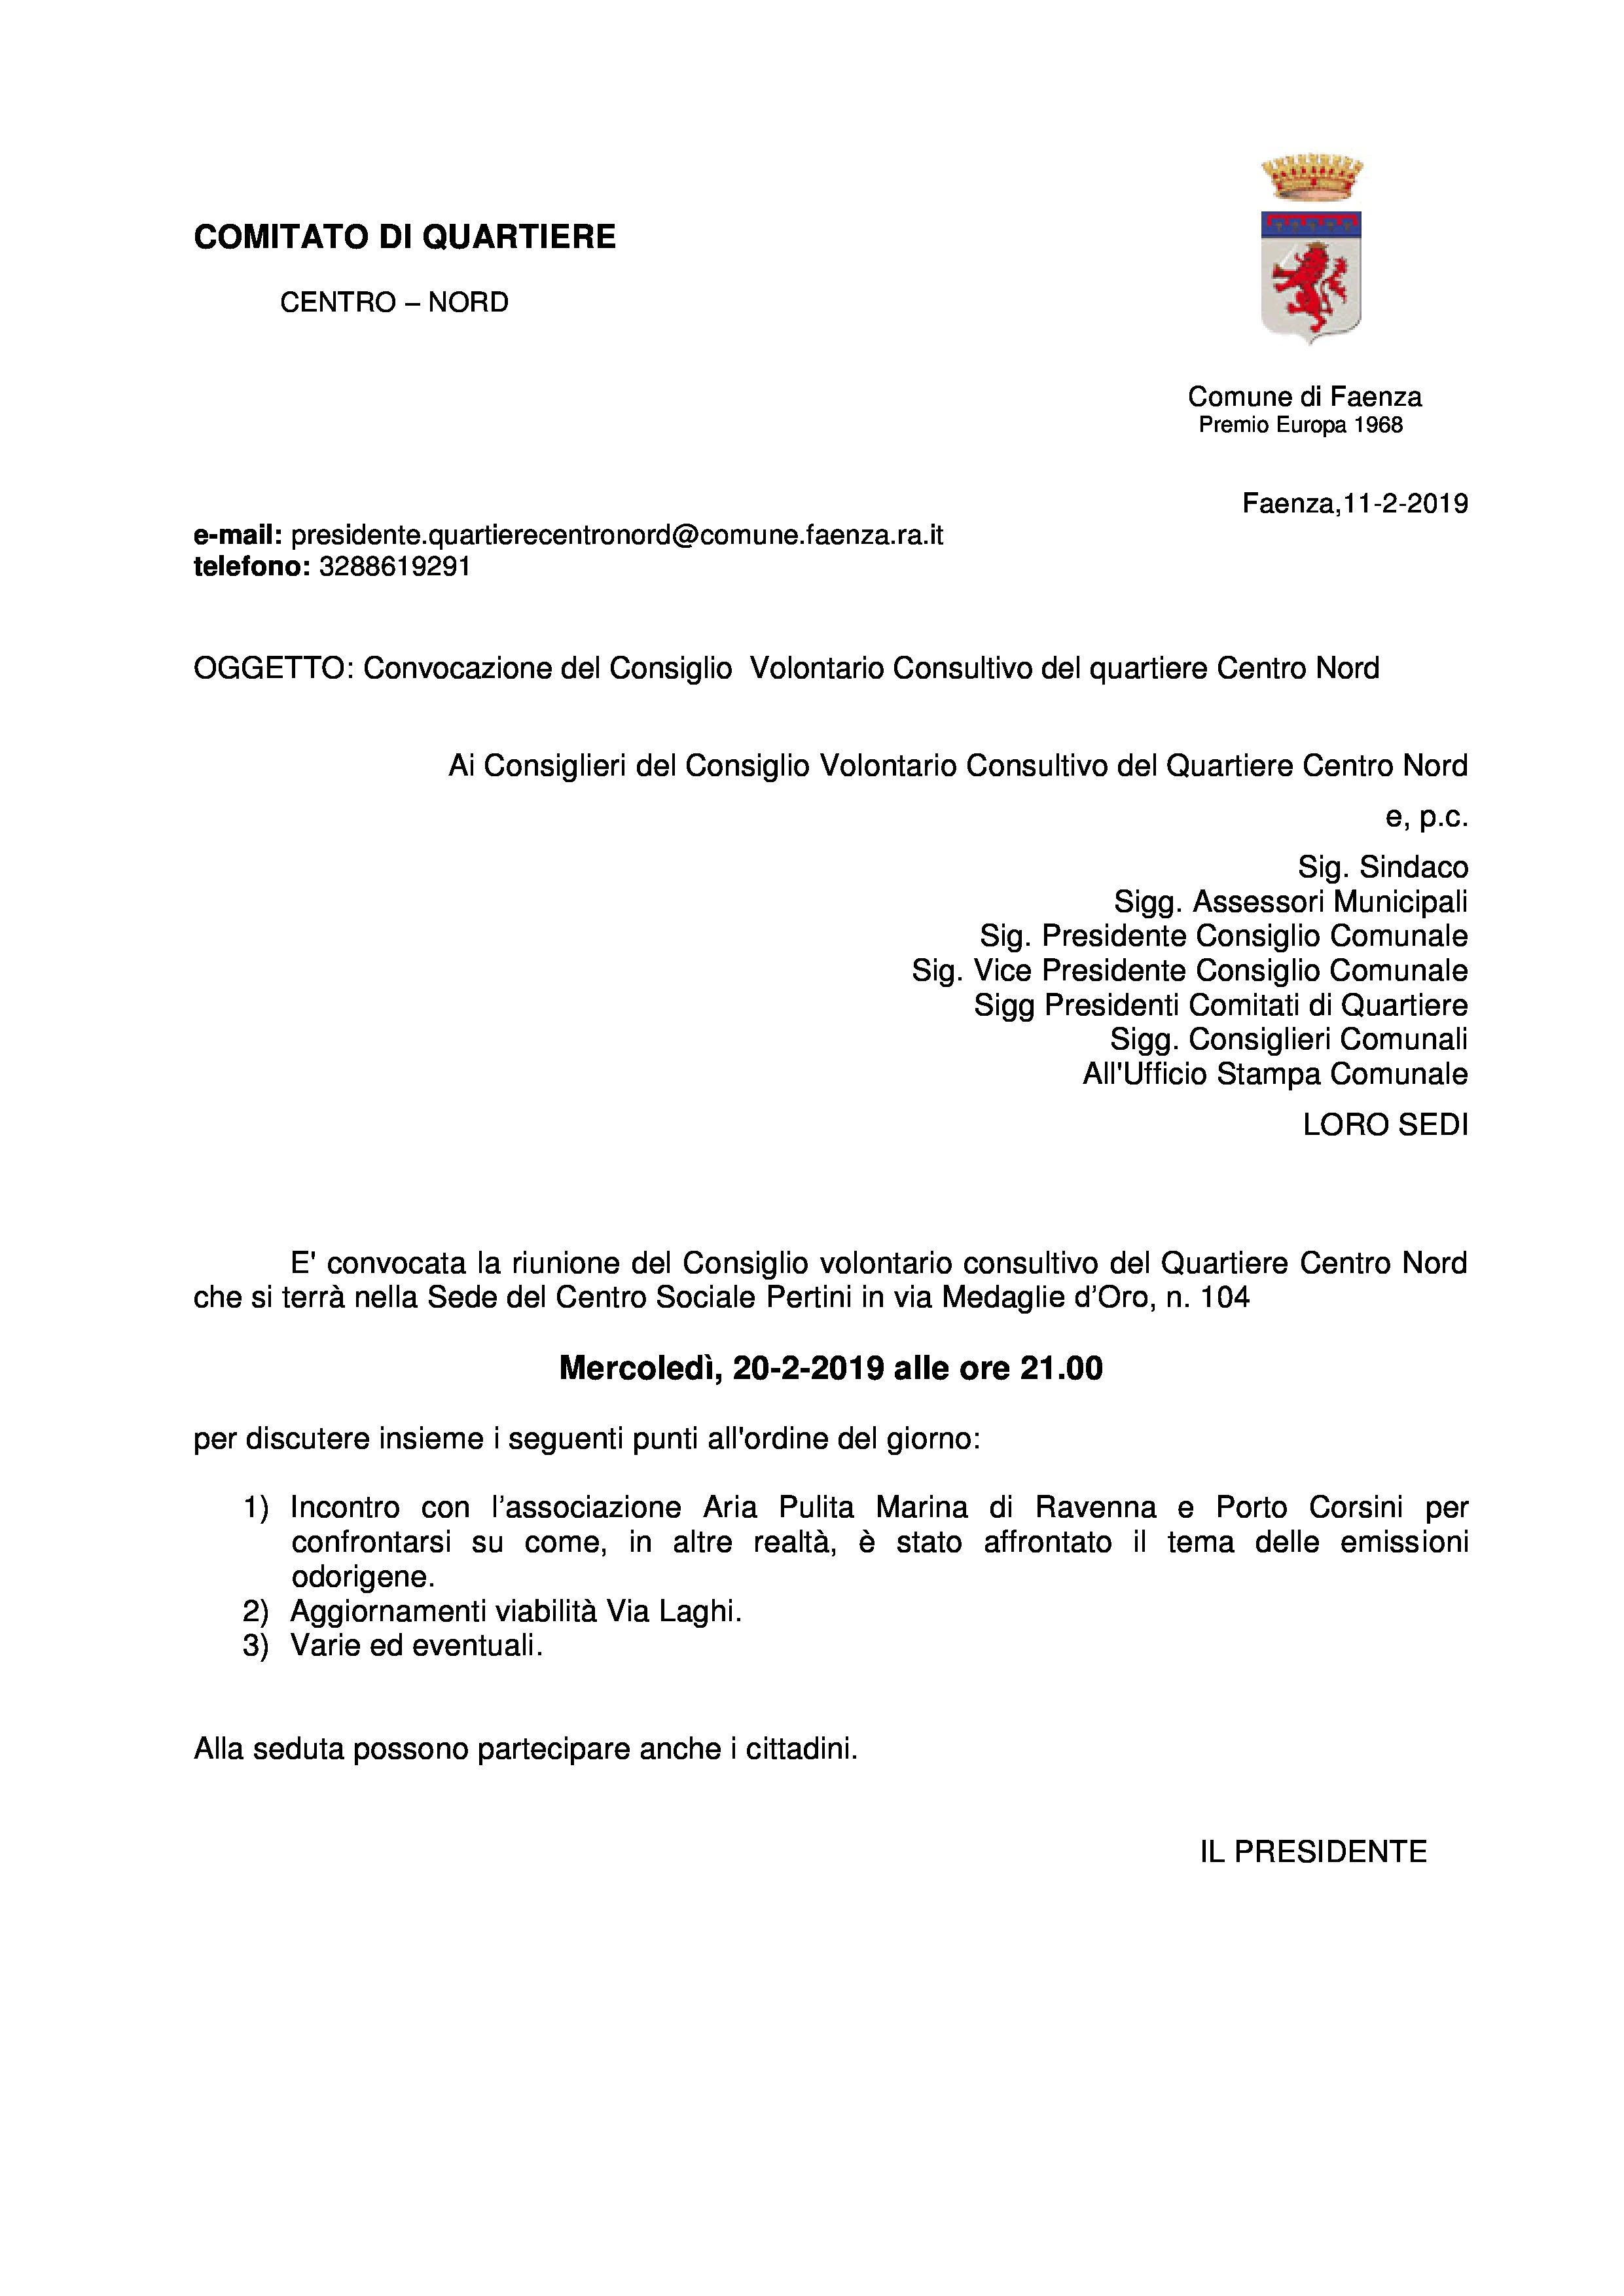 Convocazione Consiglio Quartiere Centro Nord 20-2-19-page-0